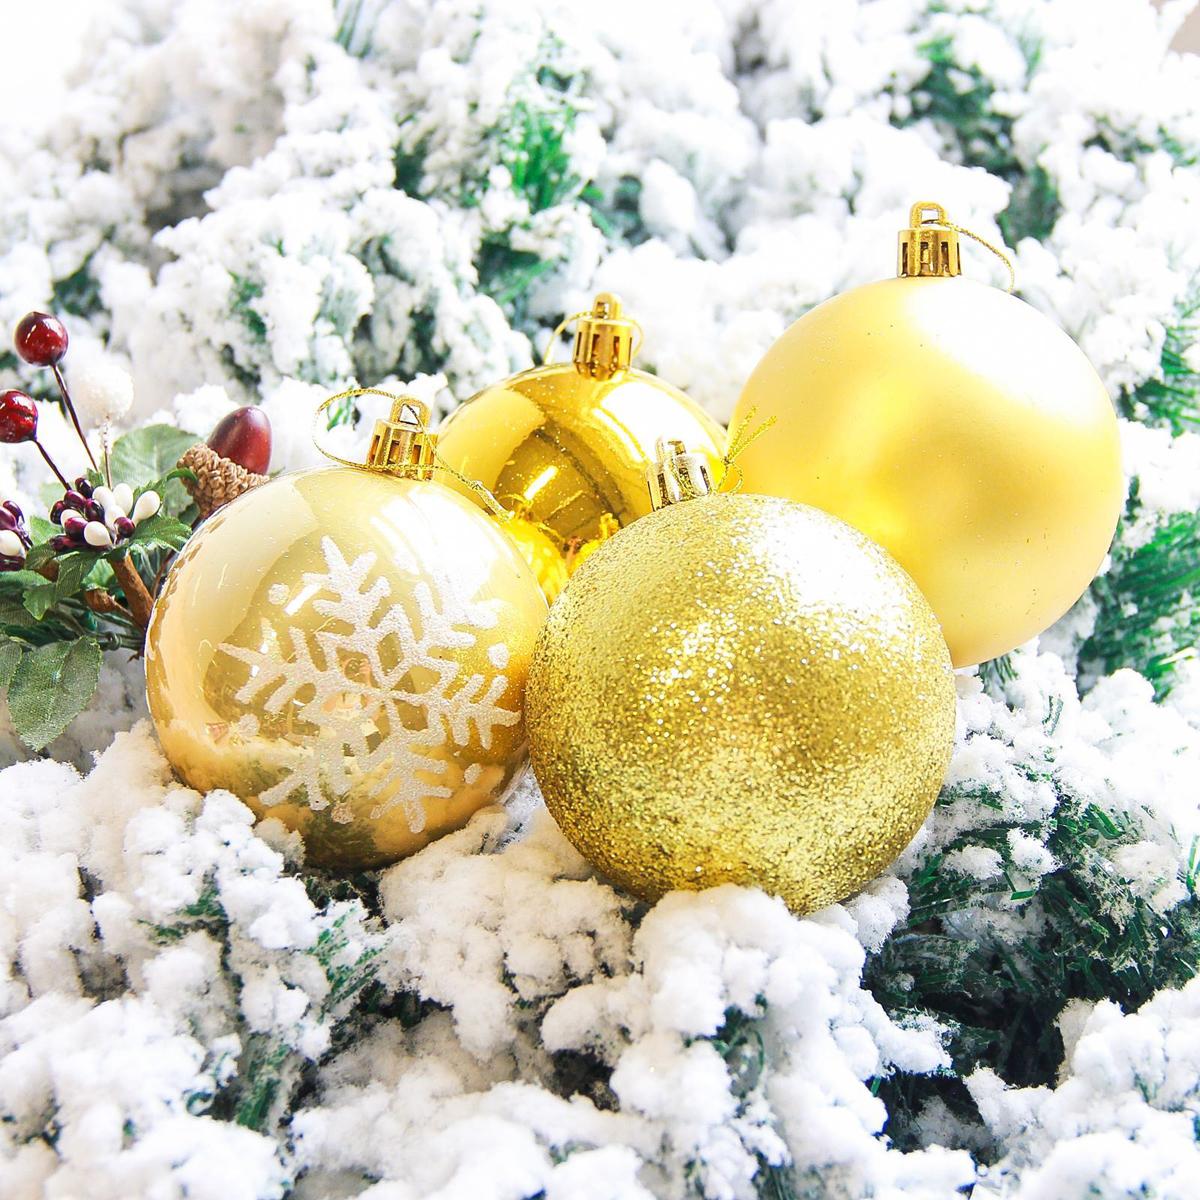 Набор новогодних подвесных украшений Sima-land Снежинка. Капель, диаметр 8 см, 6 шт. 21782892178289Невозможно представить нашу жизнь без праздников! Мы всегда ждём их и предвкушаем, обдумываем, как проведём памятный день, тщательно выбираем подарки и аксессуары, ведь именно они создают и поддерживают торжественный настрой.